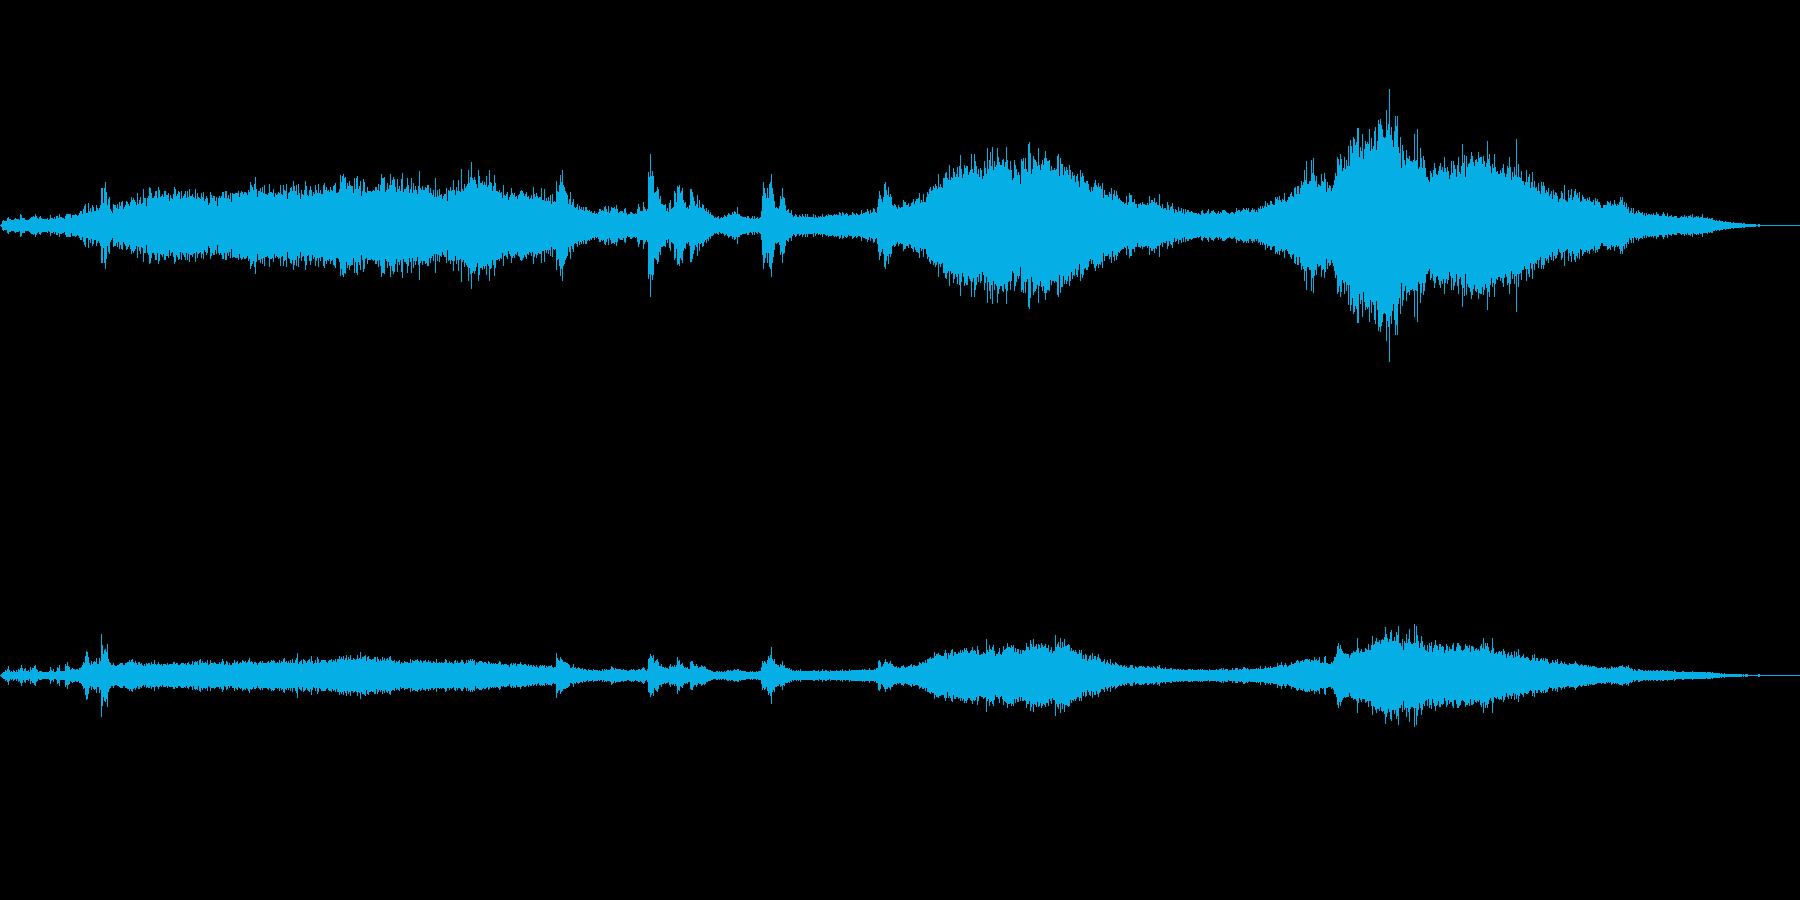 道路の環境音 車 子供 建設の再生済みの波形